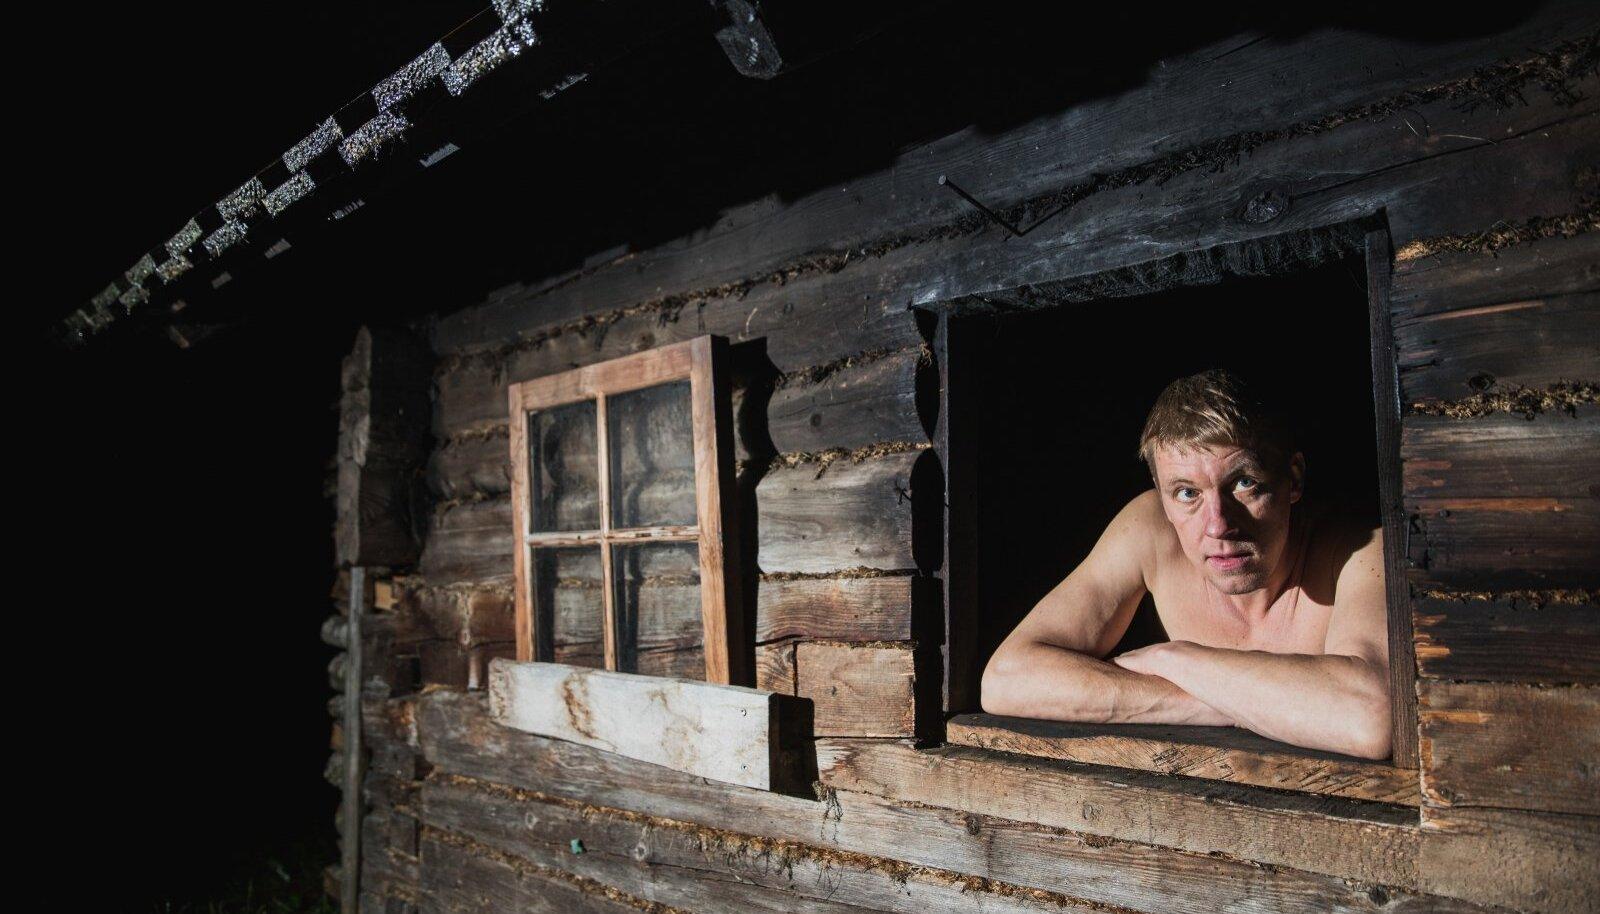 Legendaarne Pluuto ja suitsusaun, see kõige mõnusam. Aga arvatagu nüüd ära, millisest 720st külastatud saunast mees hetkel mõtleb.